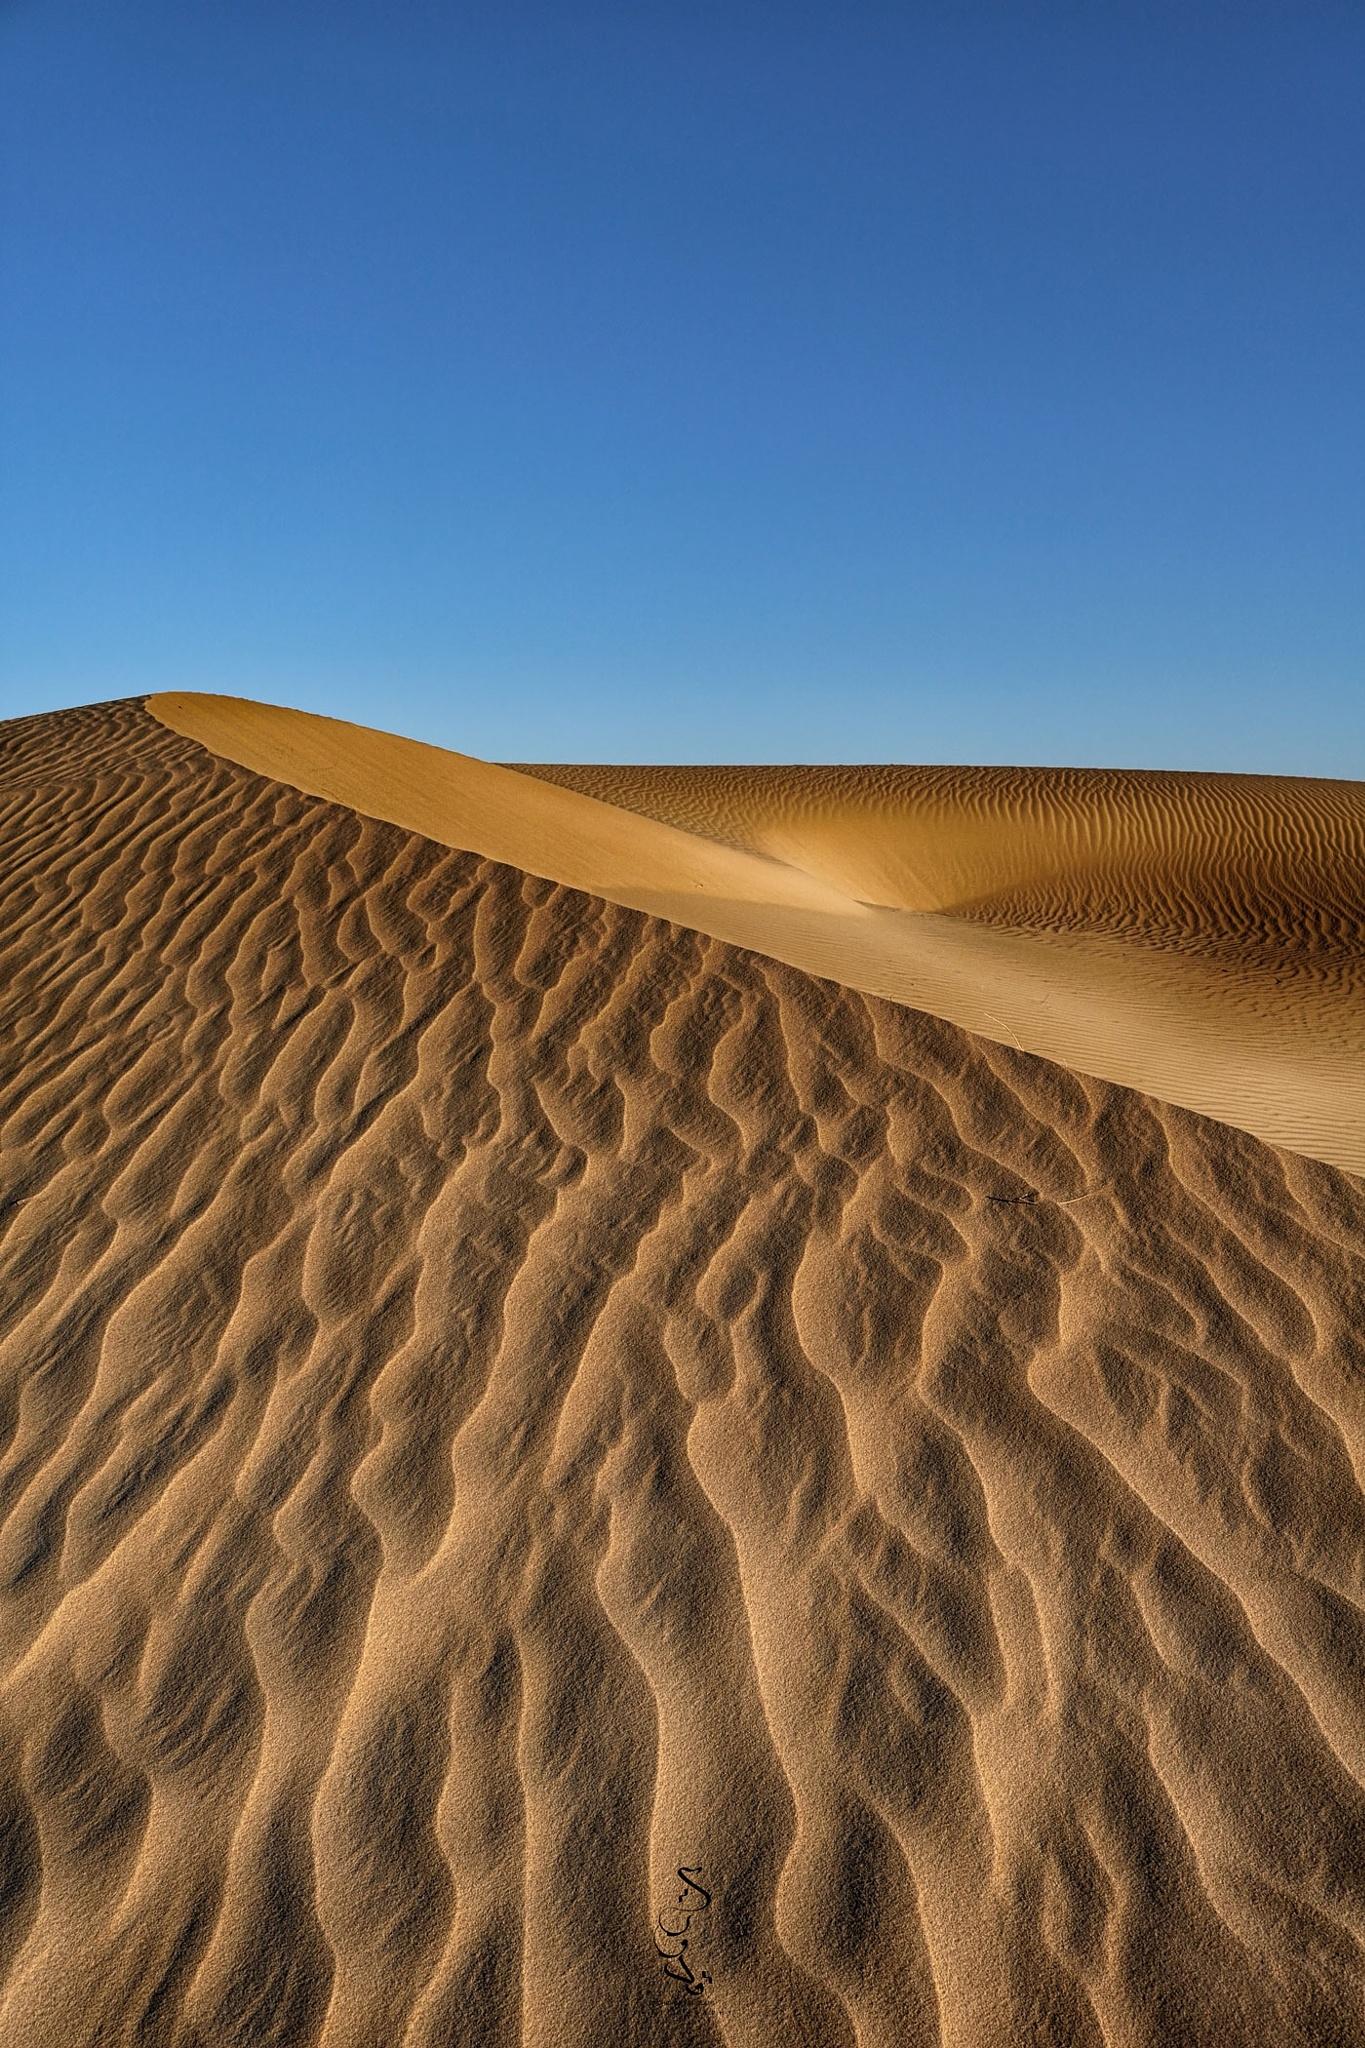 Golden Sands by Mohamed Kaddouri